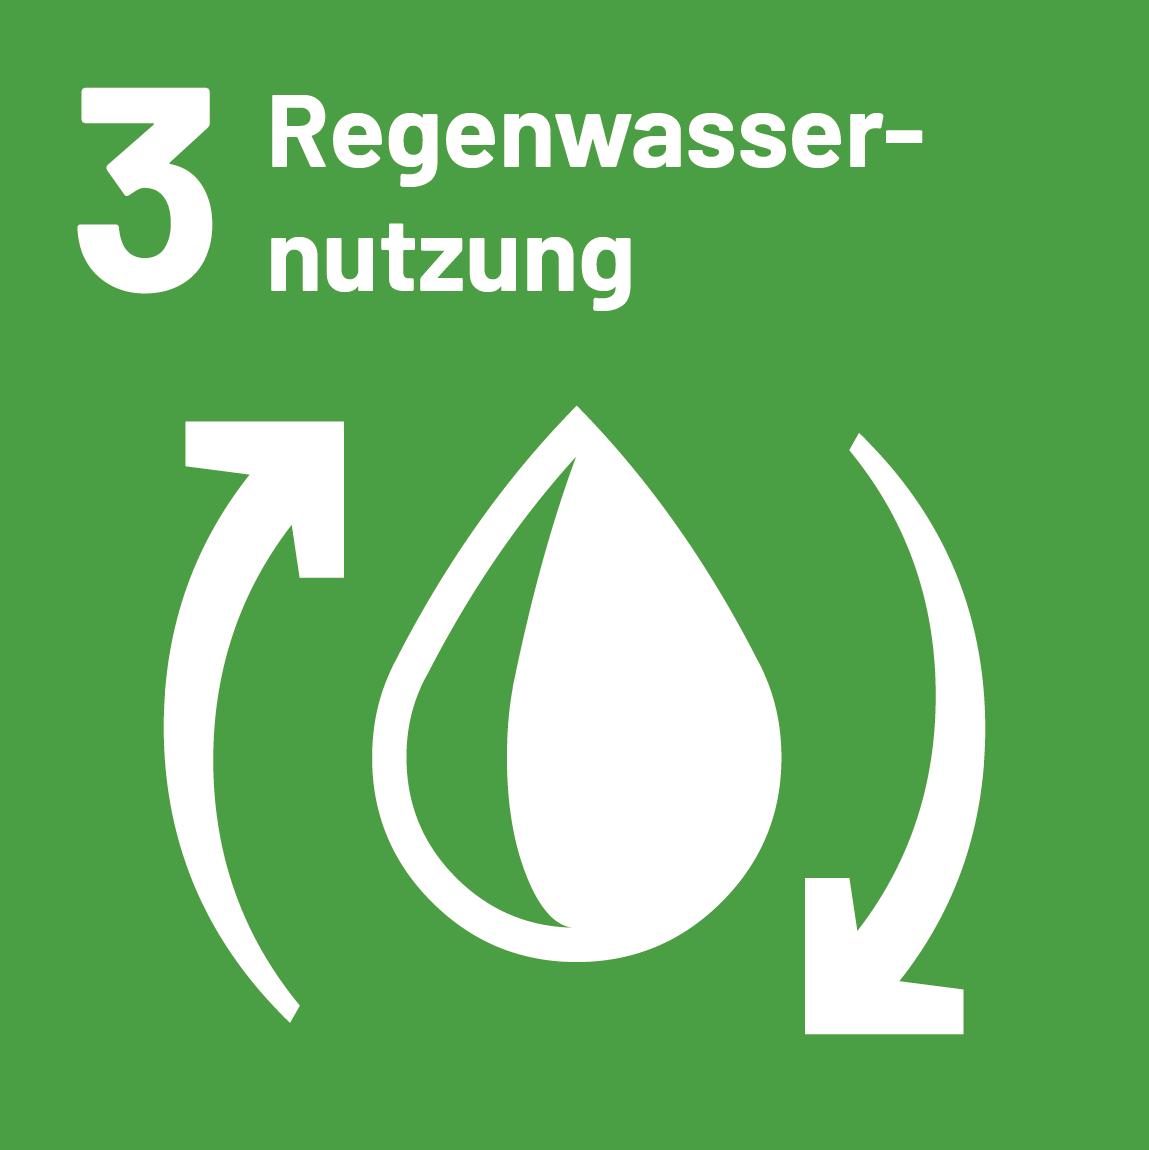 regenwassernutzung.png